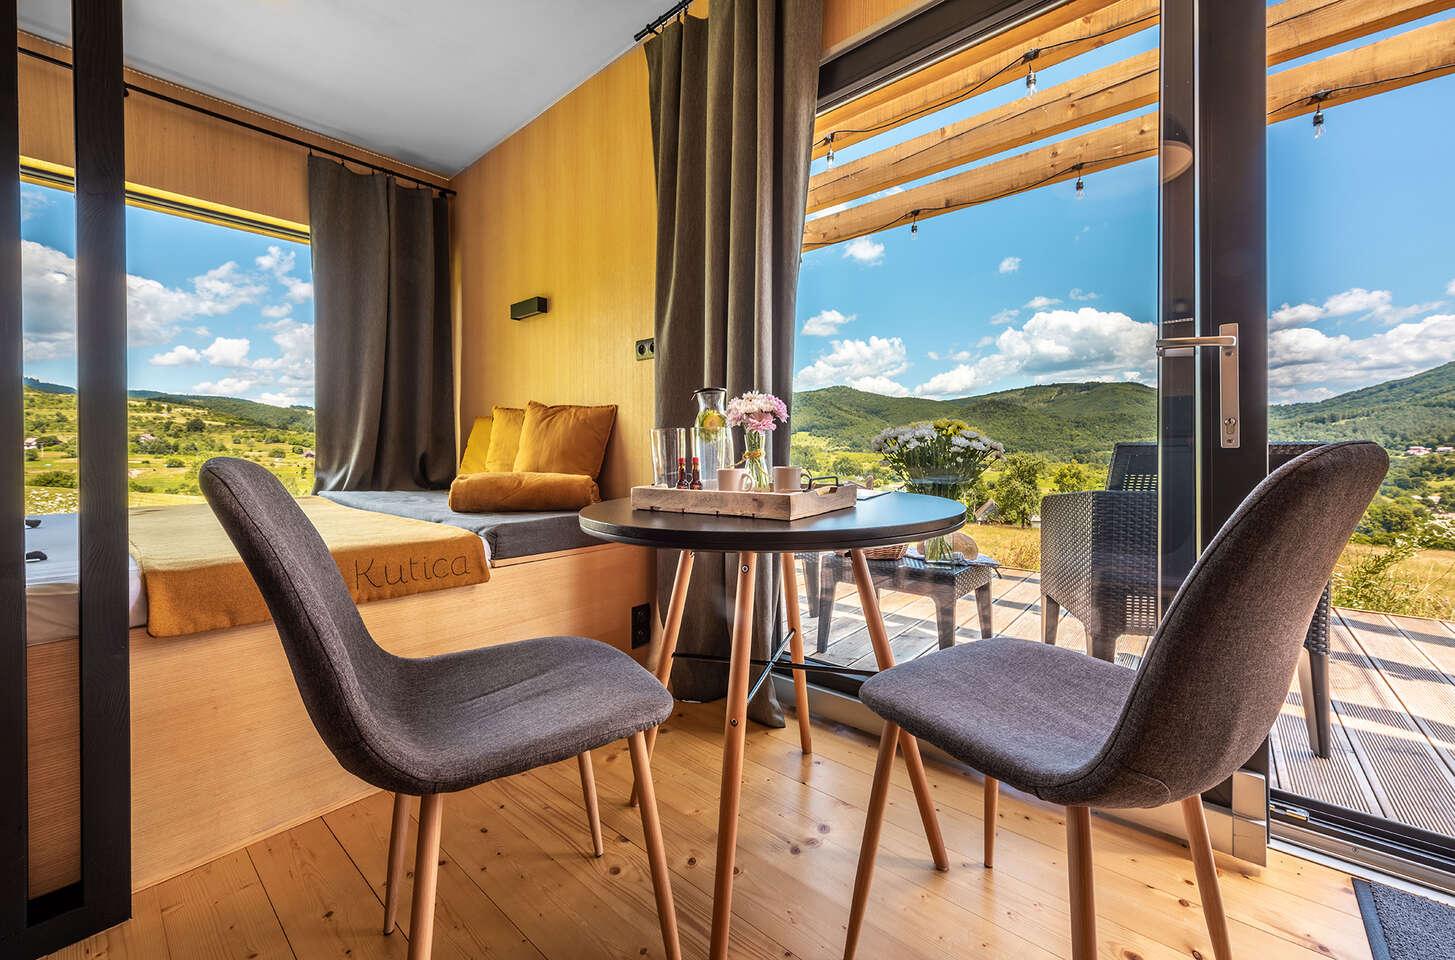 Zážitkové ubytovanie na samote v prírode pre dvojicu, ktorá hľadá oddych a únik z mesta s panoramatickým výhľadom priamo z postele